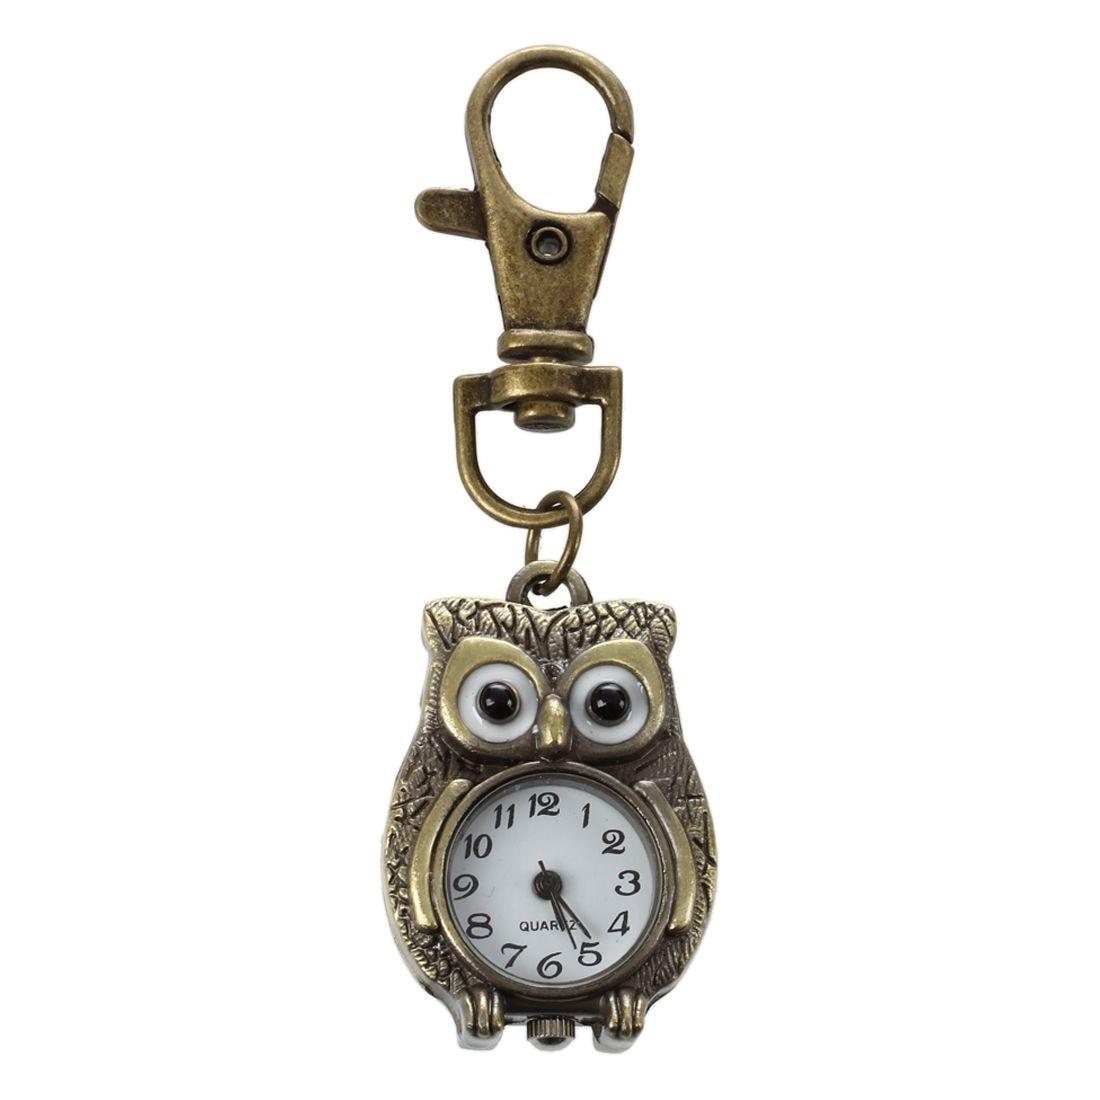 Keychain Clock Keyring Owl Shape pocket watch, 37x24mmKeychain Clock Keyring Owl Shape pocket watch, 37x24mm